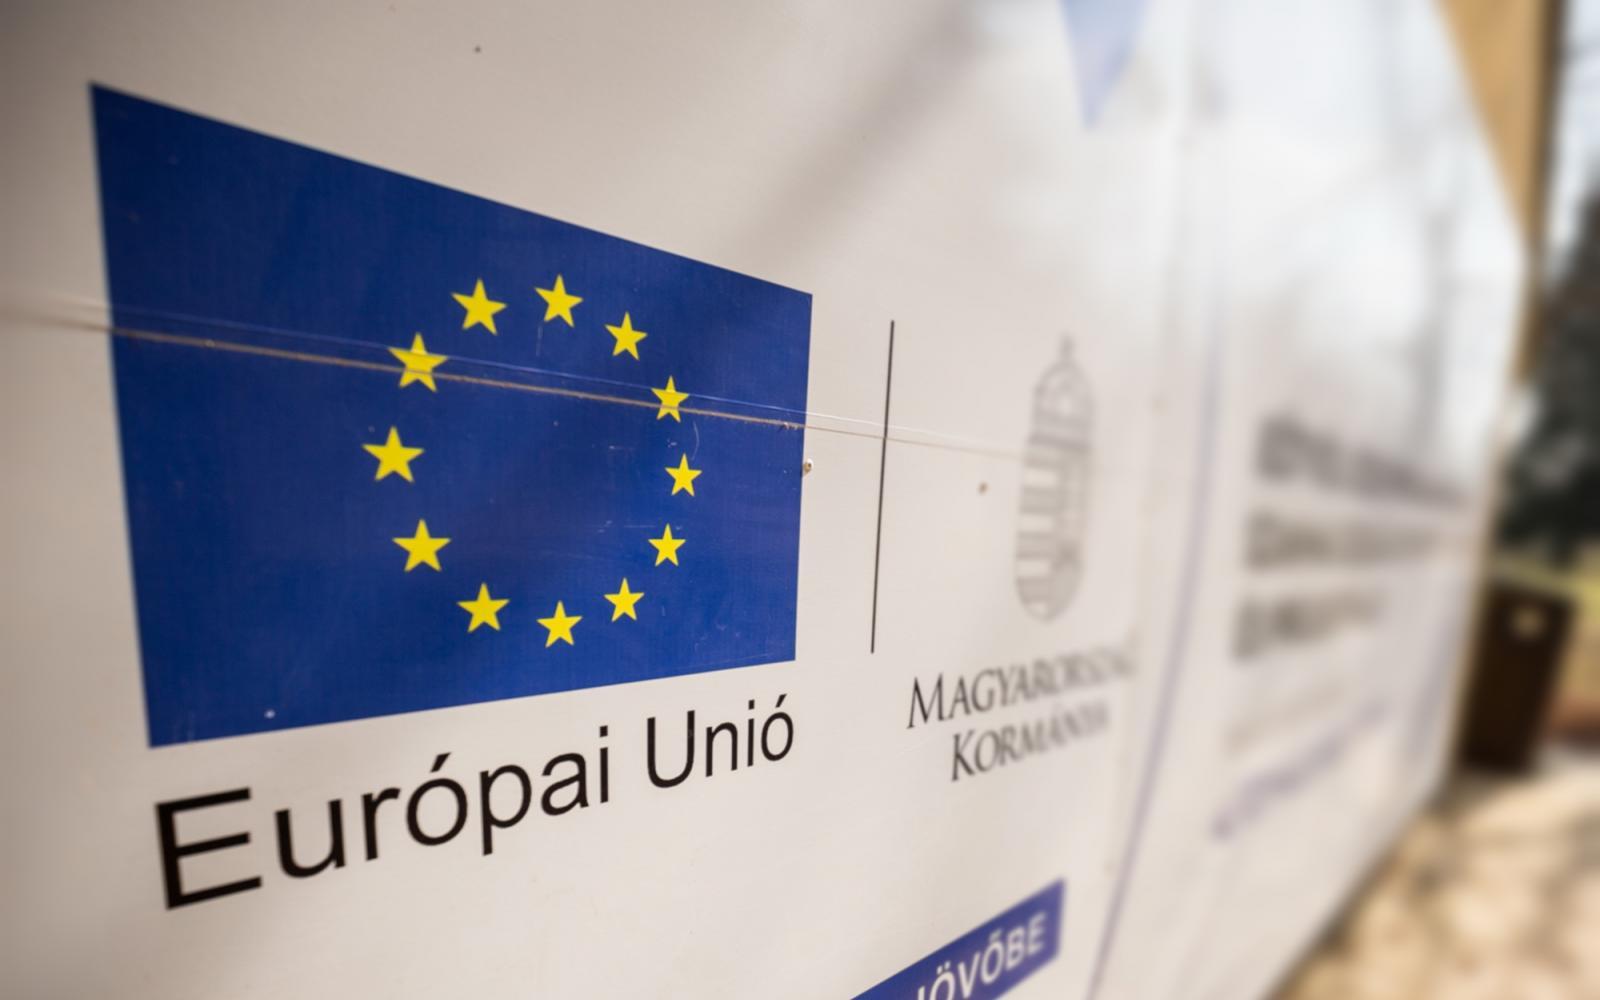 Ha marad a korrupció nem lesz több pénz - Brüsszel figyelmeztetése